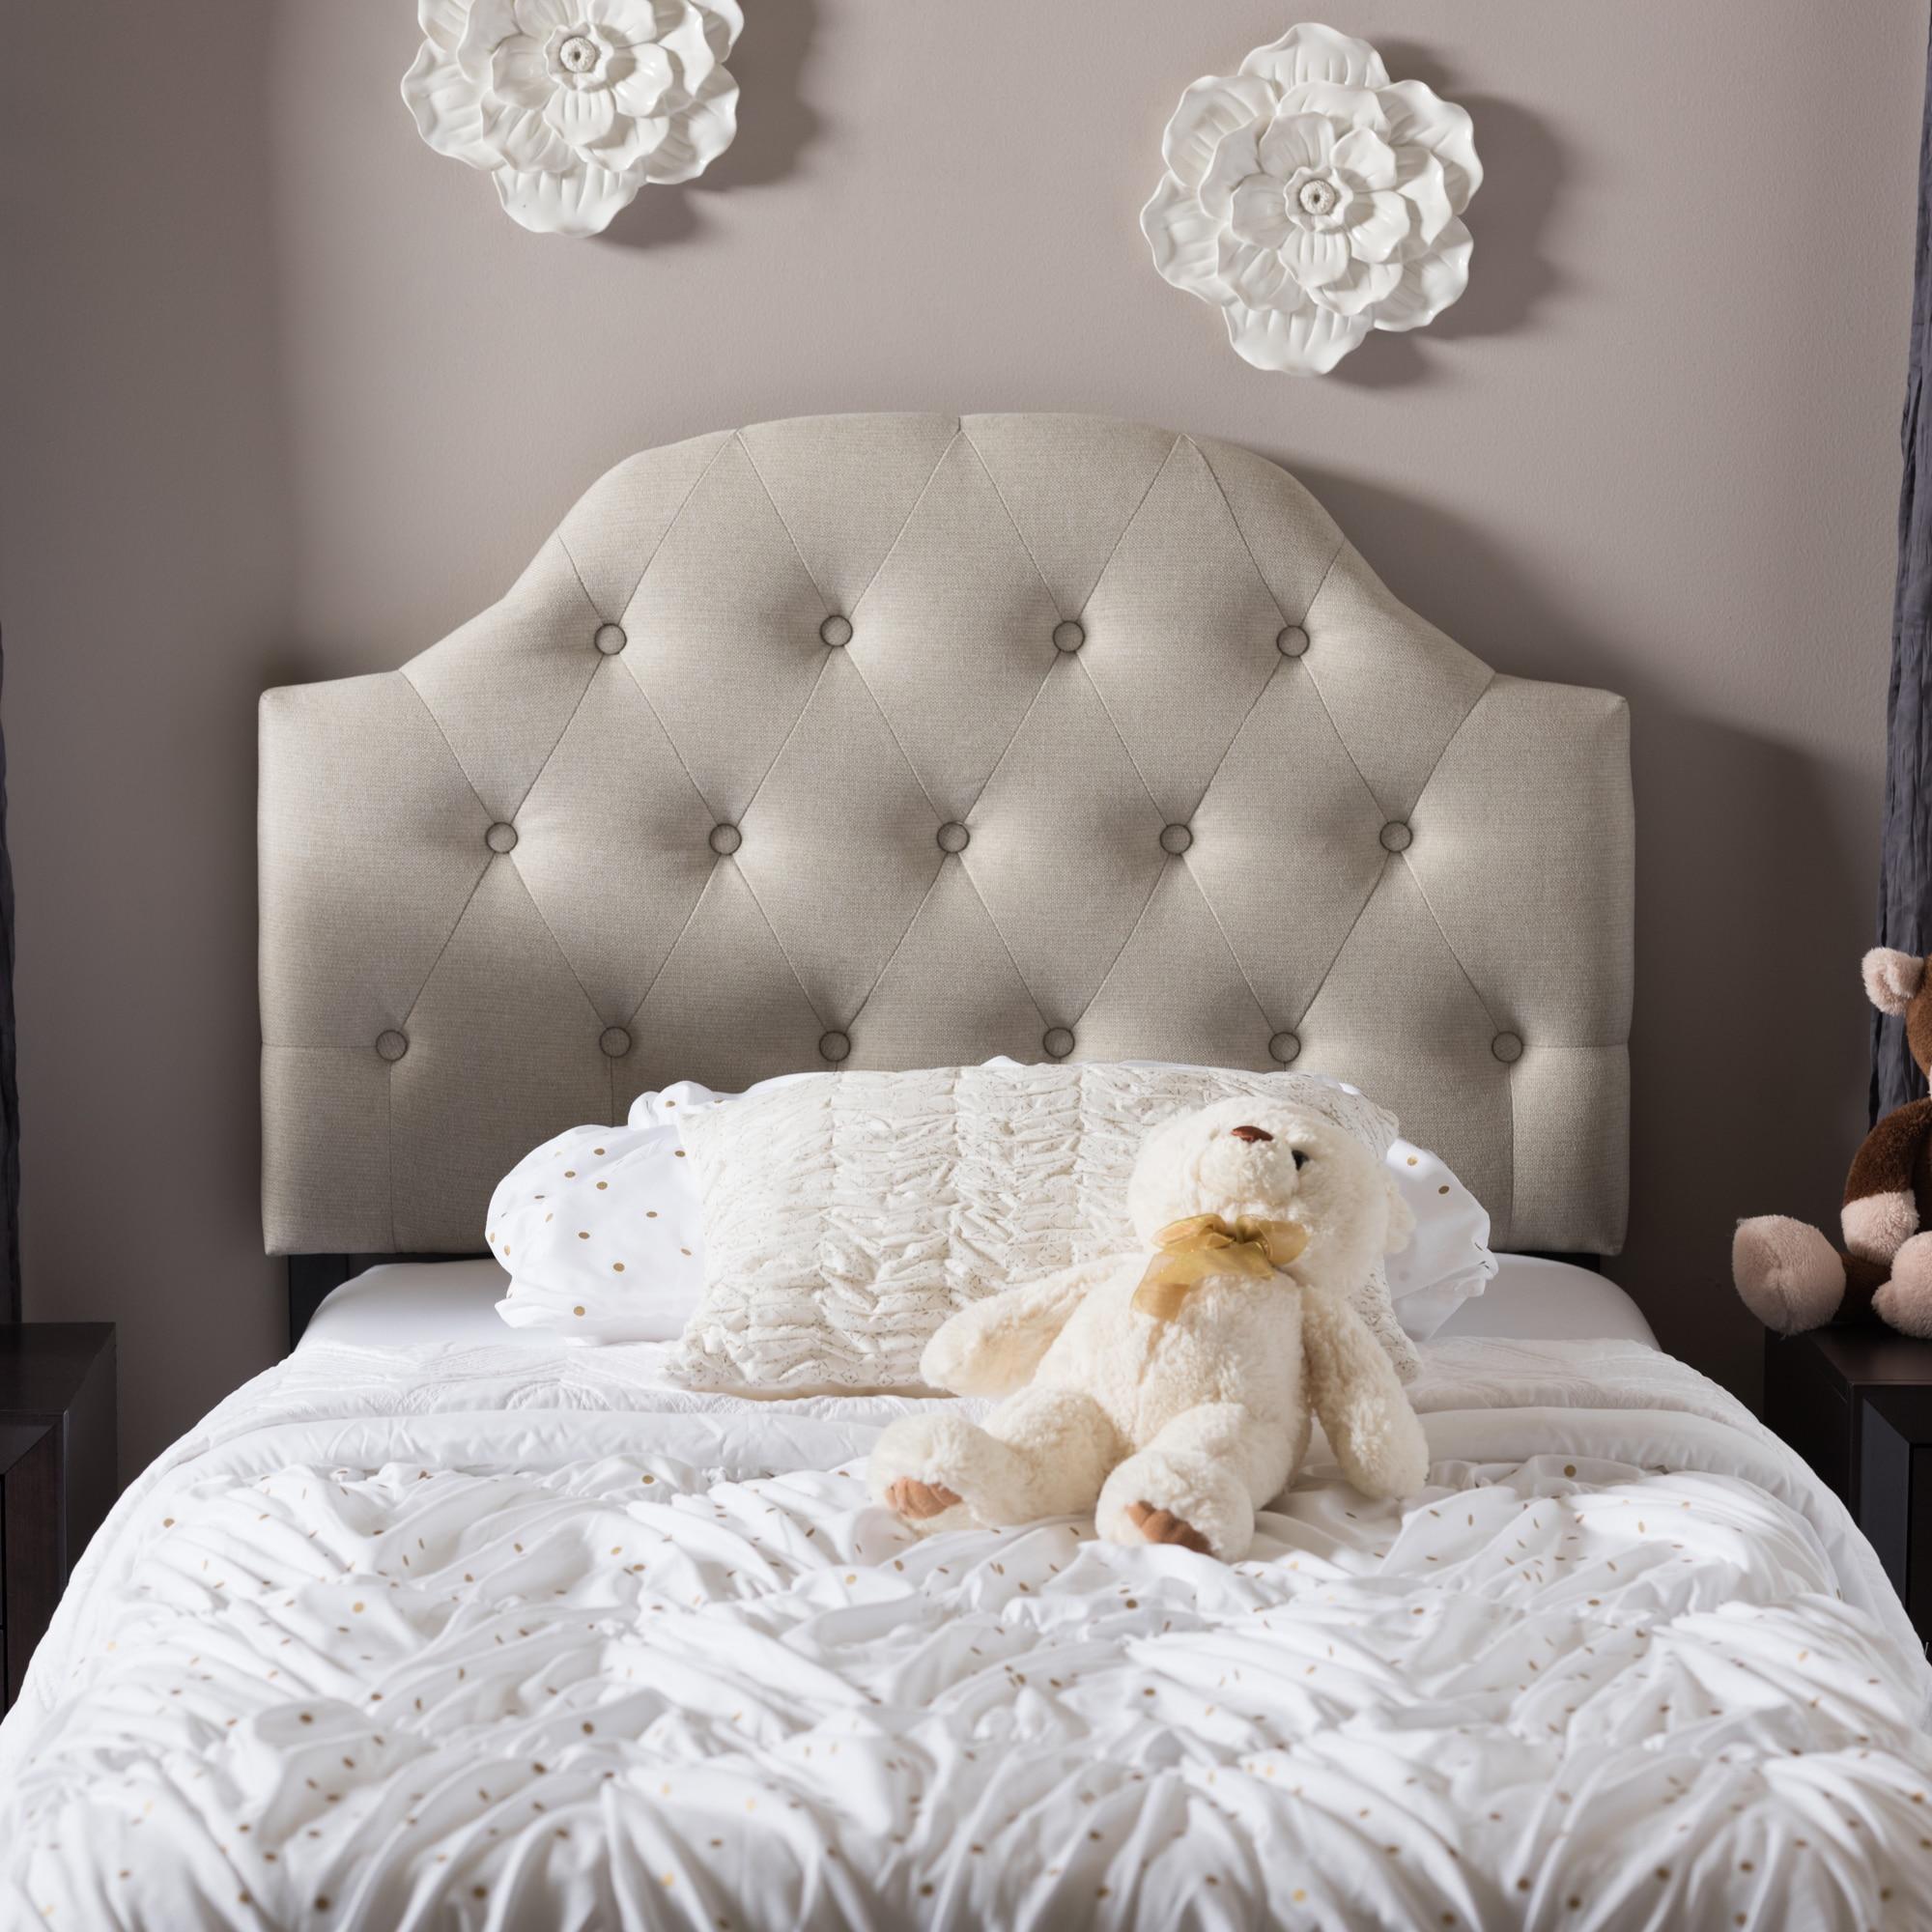 Wood Baxton Studio Kids & Toddler Furniture